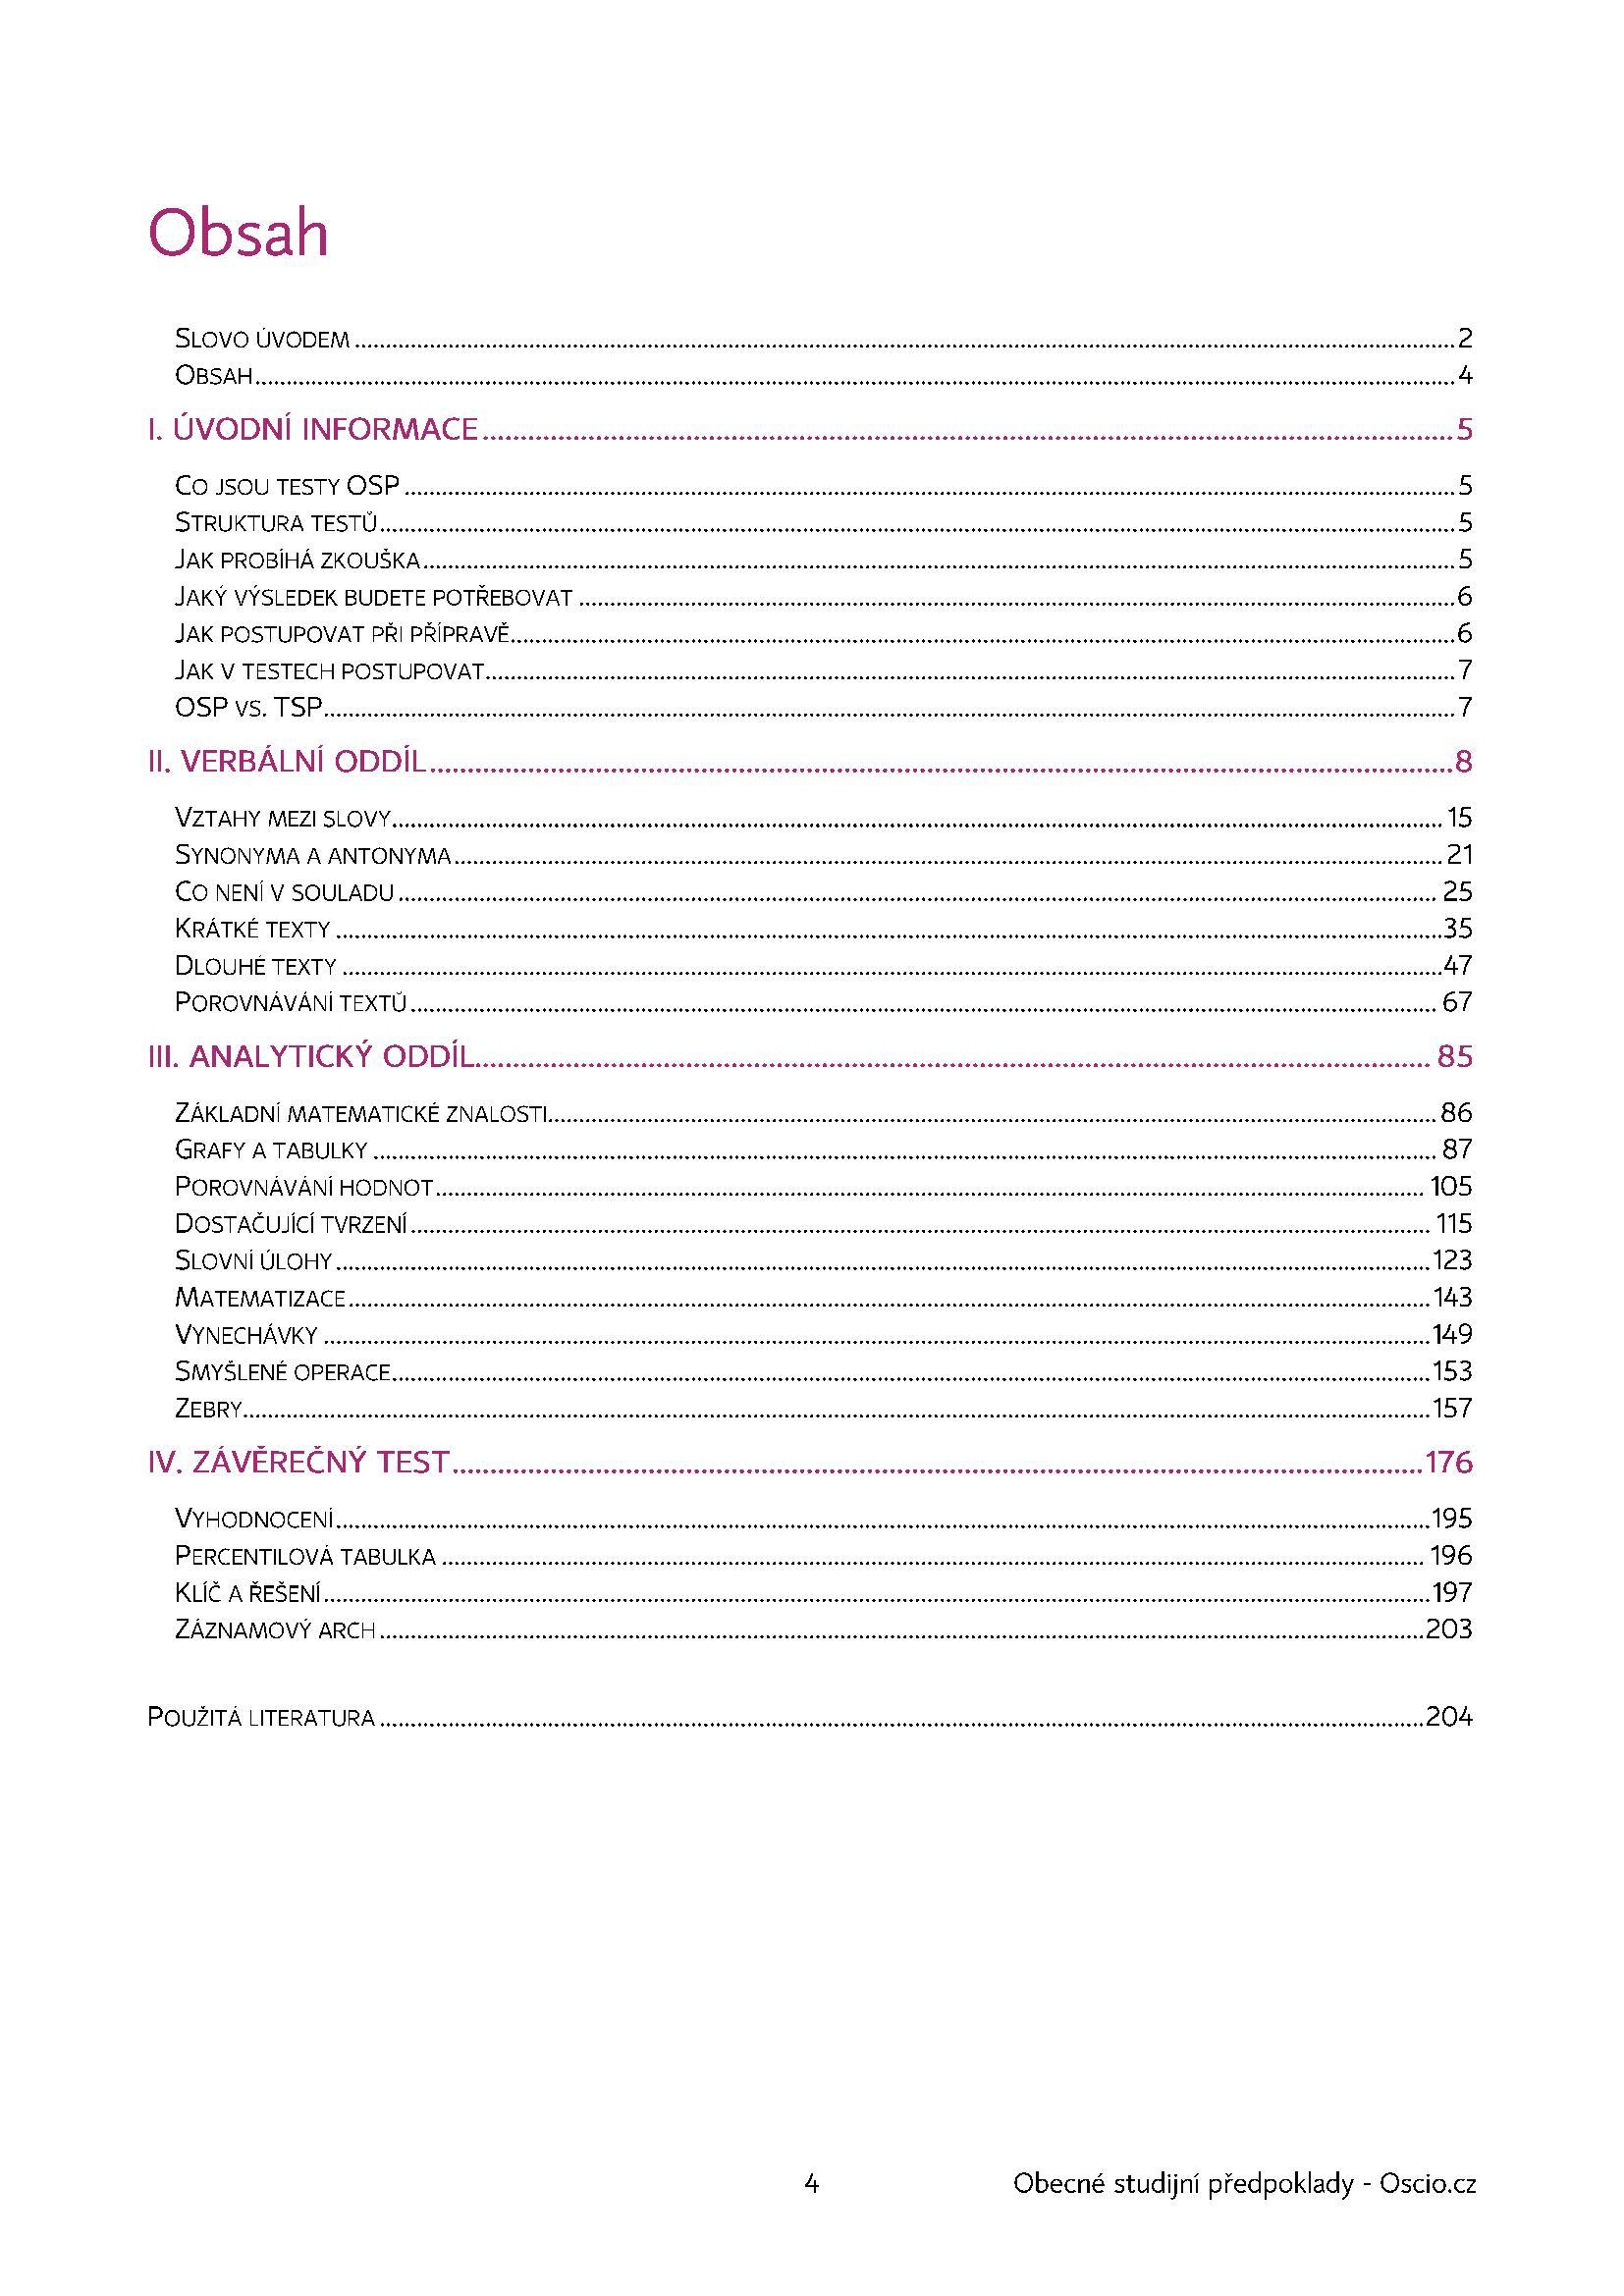 Obsah učebnice na Scio testy OSP